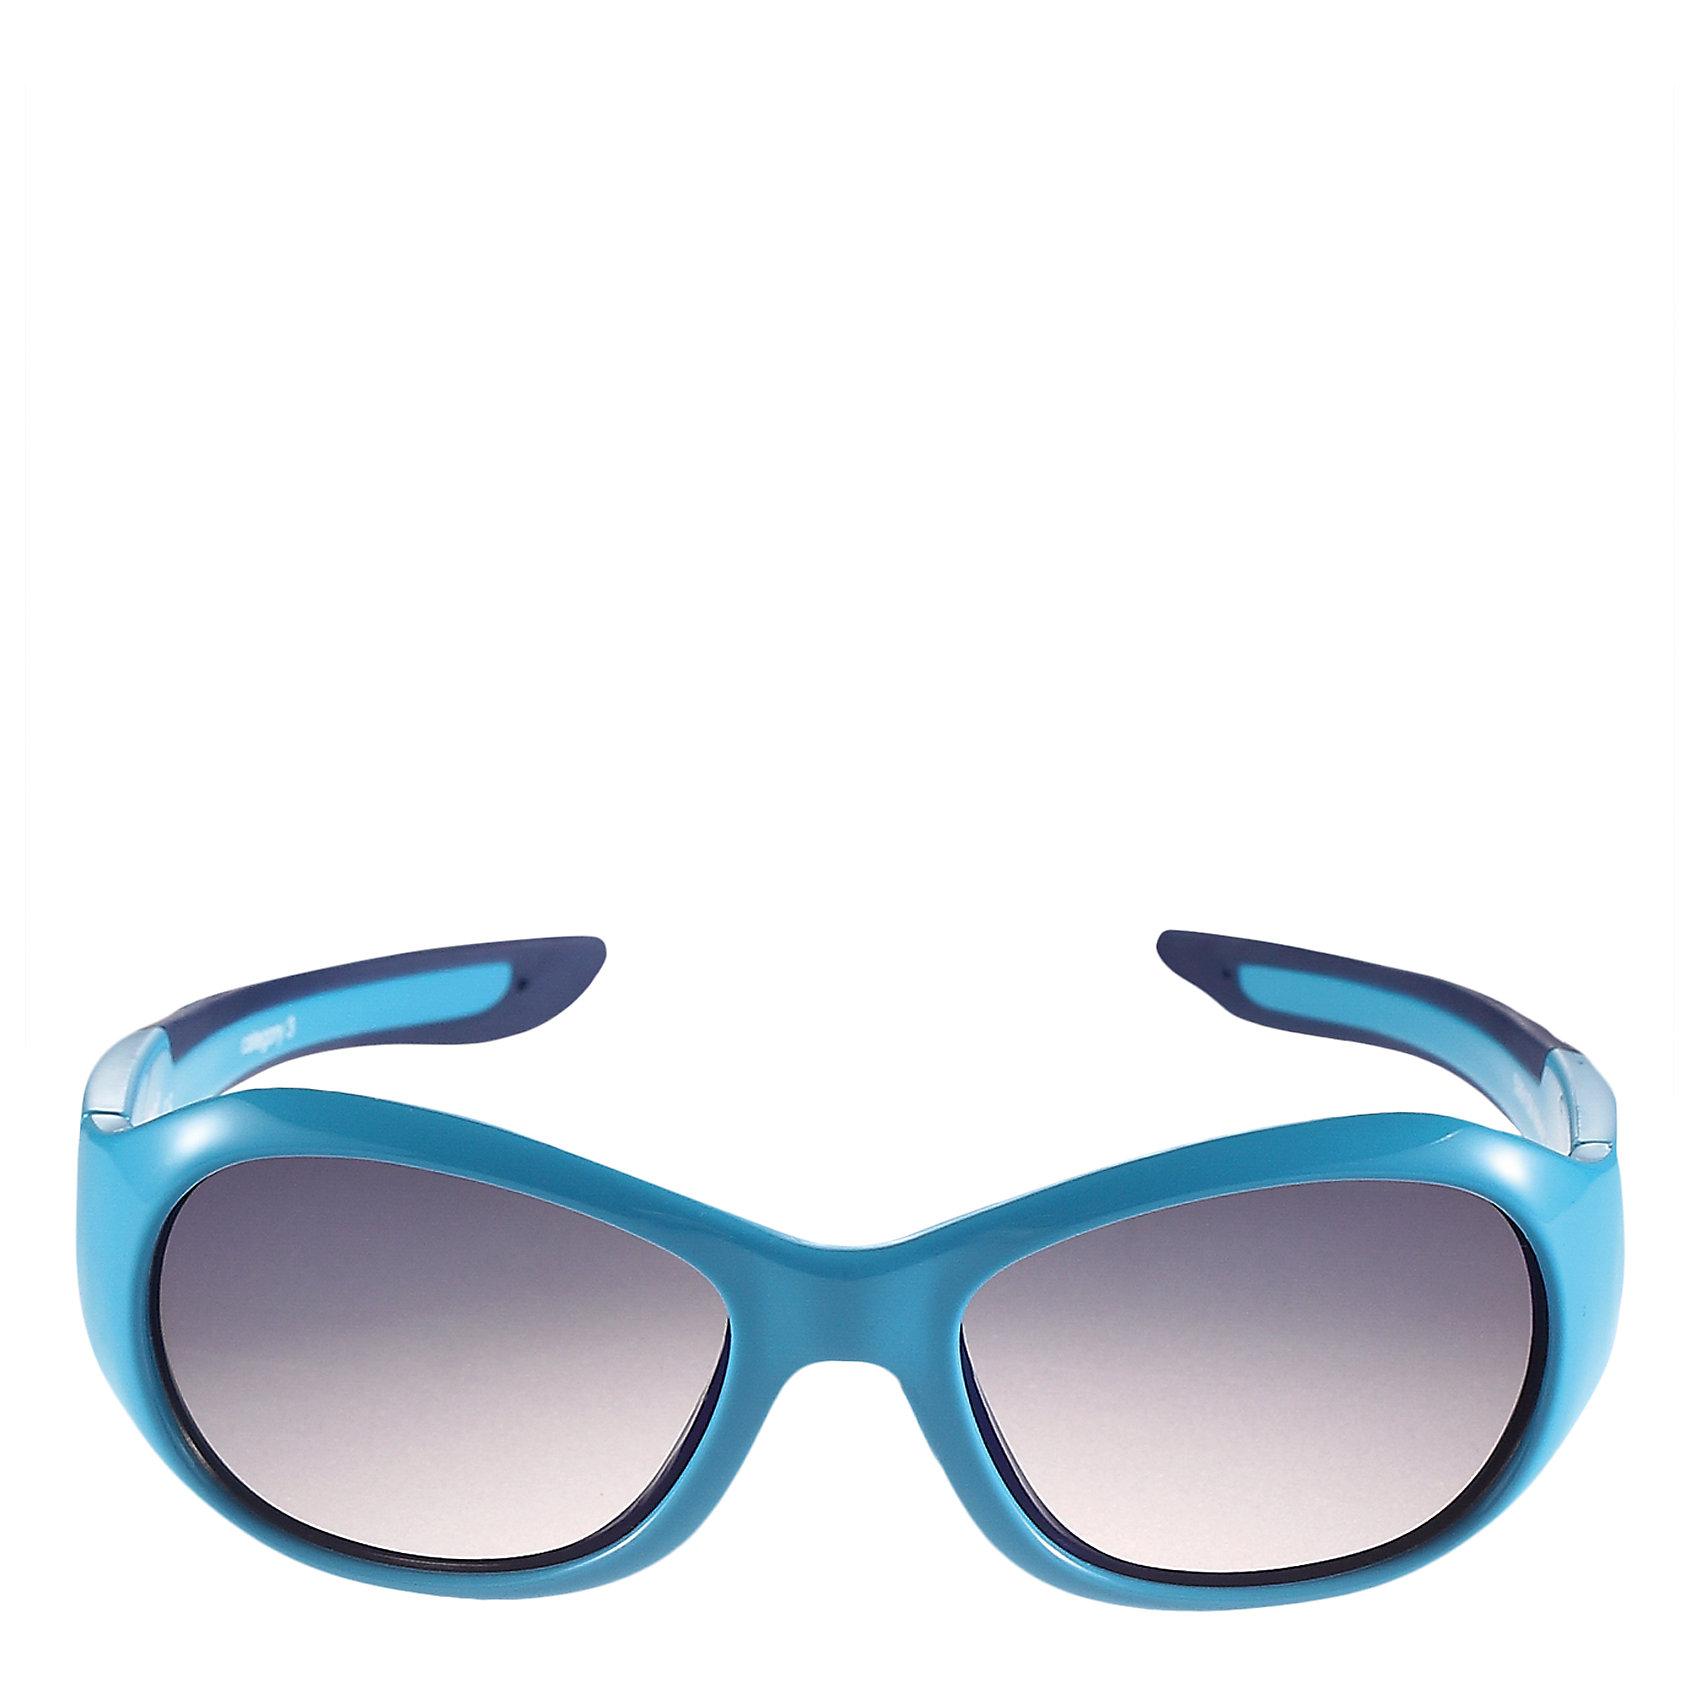 Солнцезащитные очки Bayou ReimaАксессуары<br>Характеристики товара:<br><br>• цвет: голубой<br>• состав: оправа - TPEE/TPR/TR90/Резина, линзы - PC<br>• рекомендовано для детей 0-4 лет<br>• поляризованные зеркальные линзы<br>• обработка противотуманным покрытием<br>• мягкая и эластичная оправа <br>• защитный чехол в комплекте<br>• европейский сертификат соответствия<br>• защита от ультрафиолетовых лучей спектра A и спектра B класса 5<br>• страна производства: Китай<br>• страна бренда: Финляндия<br>• коллекция: весна-лето 2017<br><br>Специальные очки помогут уберечь глаза детей от повреждения прямыми солнечными лучами. Эта модель разрабатывалась для малышей - у неё мягкая оправа с очень комфортной посадкой, зеркальные линзы со специальной обработкой, есть защитный чехол. Очки не только хорошо проработаны, они стильно смотрятся!<br><br>Обувь и одежда от финского бренда Reima пользуются популярностью во многих странах. Они стильные, качественные и удобные. Для производства продукции используются только безопасные, проверенные материалы и фурнитура.<br><br>Солнцезащитные очки для девочки от финского бренда Reima (Рейма) можно купить в нашем интернет-магазине.<br><br>Ширина мм: 170<br>Глубина мм: 157<br>Высота мм: 67<br>Вес г: 117<br>Цвет: синий<br>Возраст от месяцев: 48<br>Возраст до месяцев: 72<br>Пол: Унисекс<br>Возраст: Детский<br>Размер: one size<br>SKU: 5266122